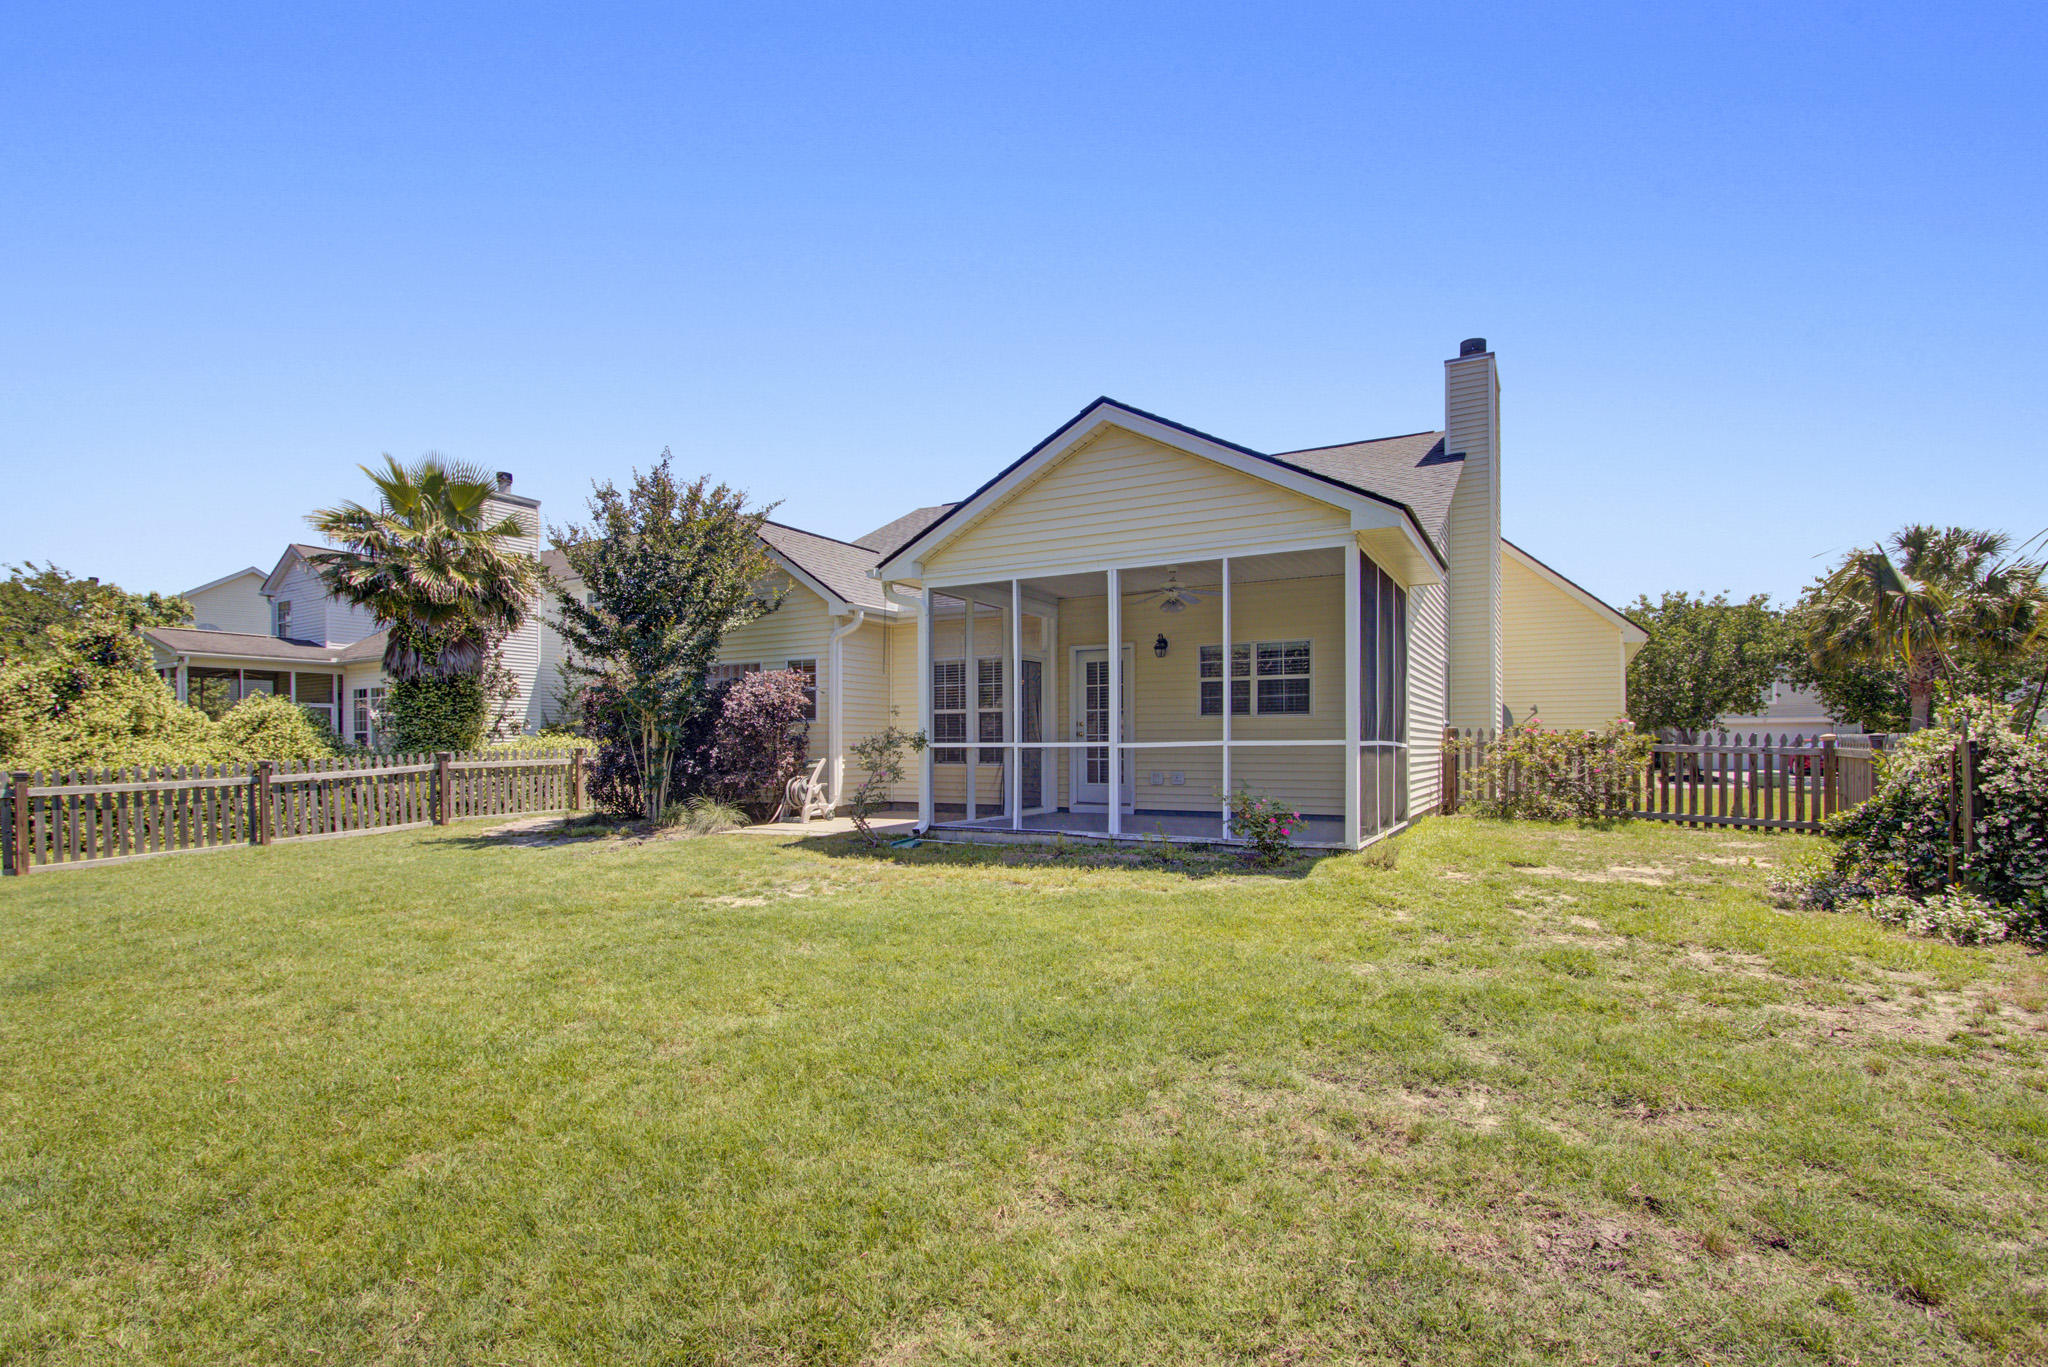 Dunes West Homes For Sale - 1645 Pin Oak Cut, Mount Pleasant, SC - 12